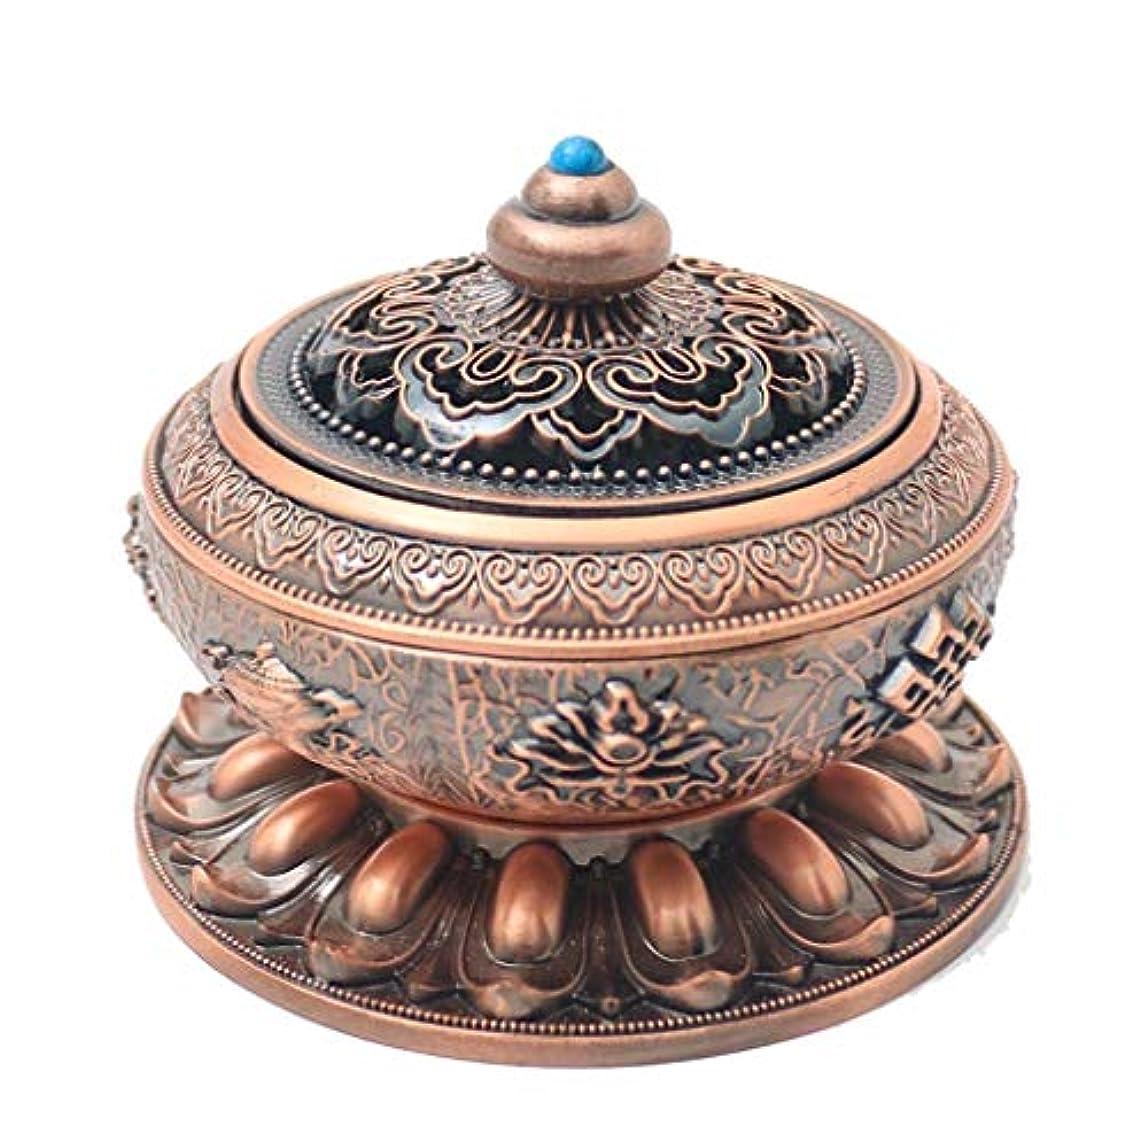 合金ロータス香バーナーアロマセラピーストーブルーム白檀炉香スティックコーンバーナーホルダー装飾香ホルダー (Color : Brass, サイズ : 3.93*3.74inchs)